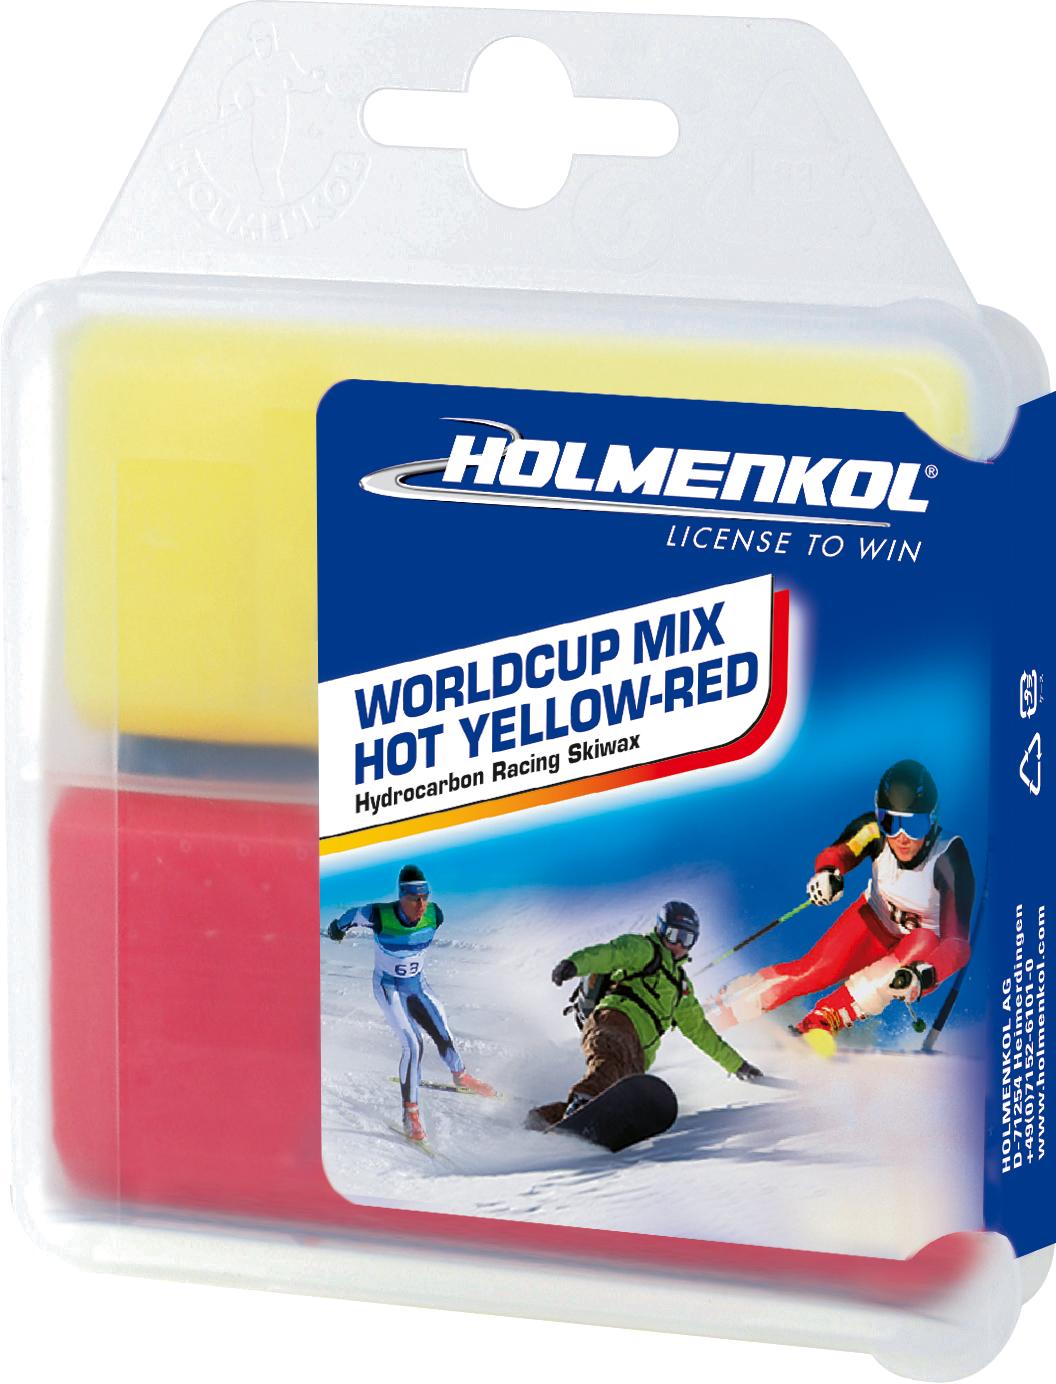 Holmenkol Мазь скольжения твердая для лыж и сноубордов HOLMENKOL Worldcup Mix HOT Yellow-Red парафин holmenkol holmenkol betamix красный